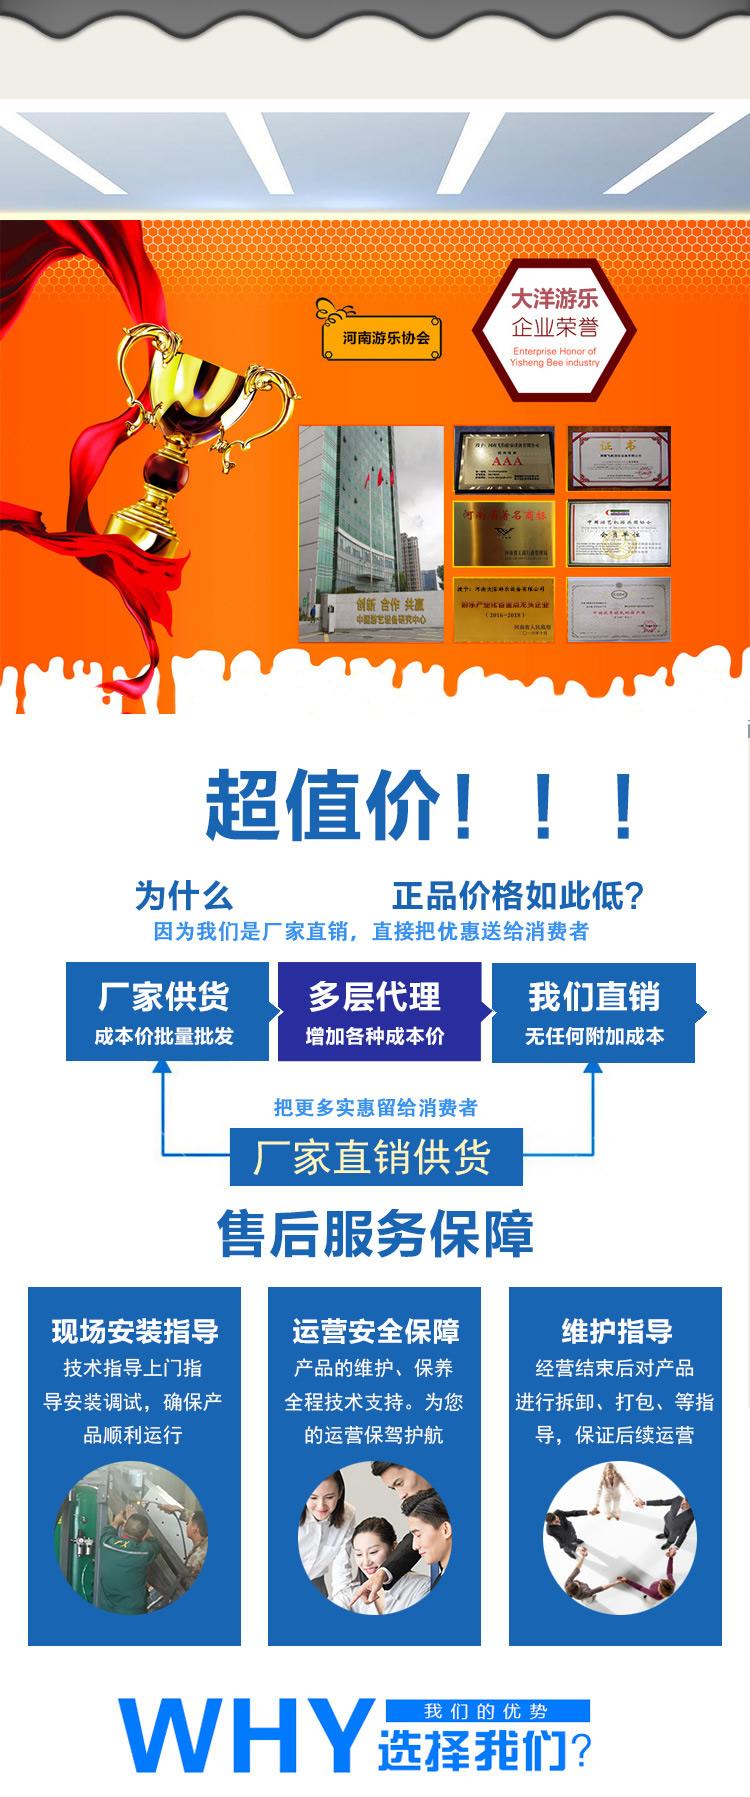 新款广场小型游乐设备小蹦极 郑州大洋专业生产4人蹦极游乐设备示例图64